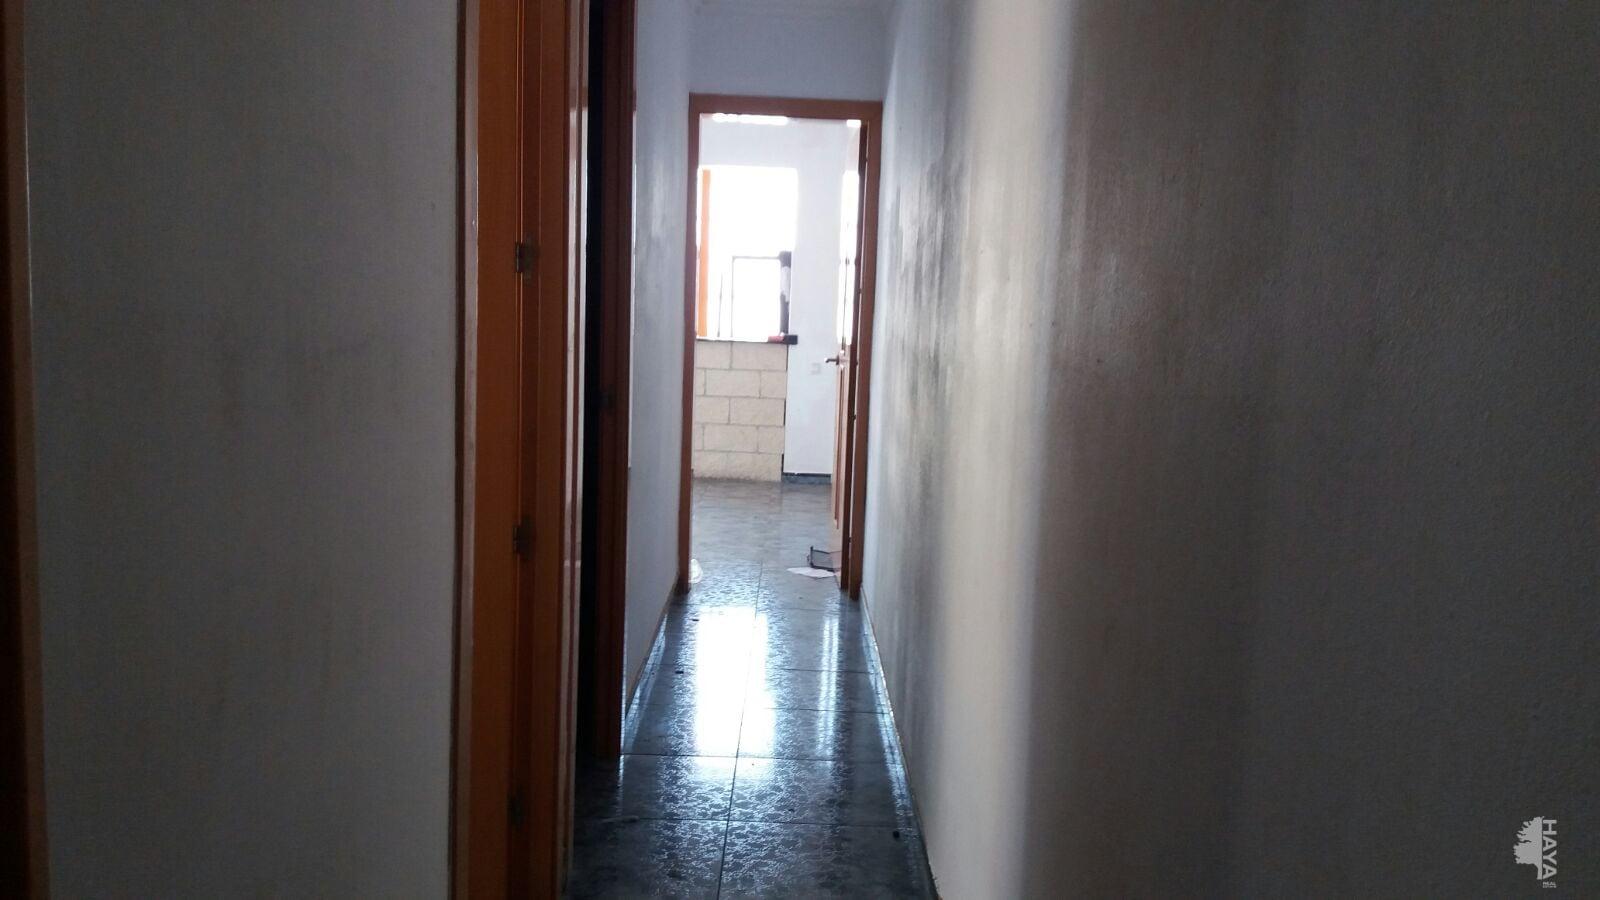 Piso en venta en Tarragona, Tarragona, Calle Ebre, 54.375 €, 4 habitaciones, 1 baño, 71 m2